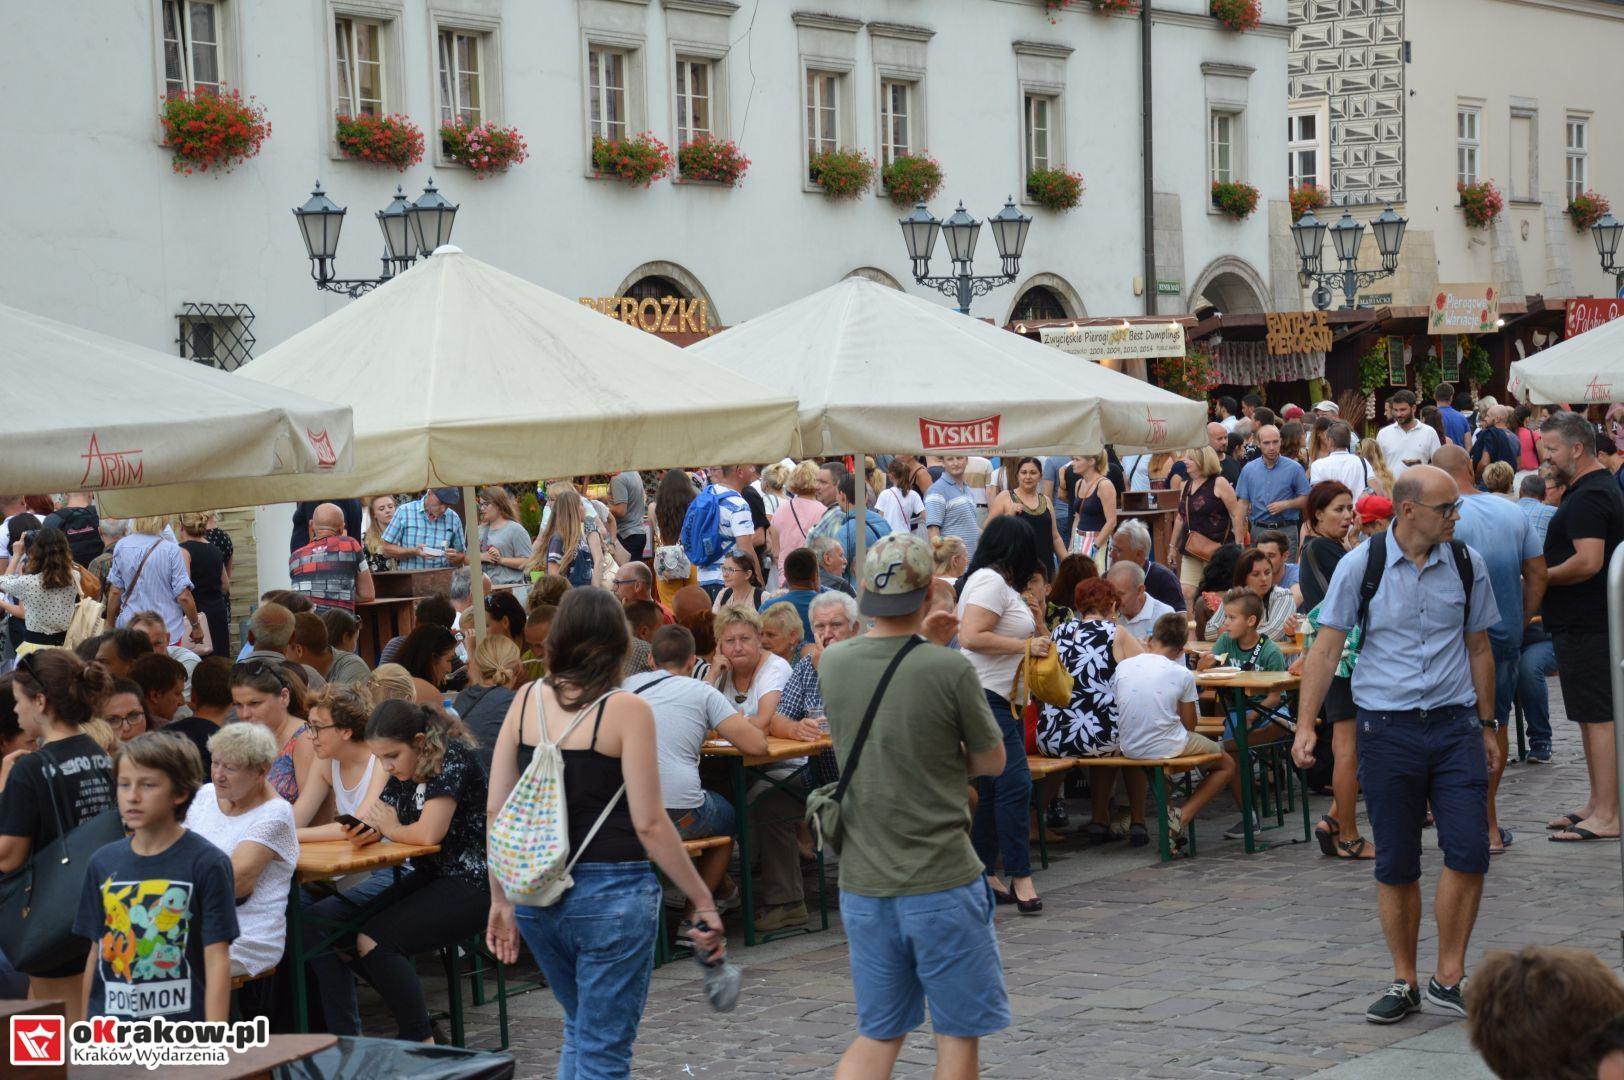 krakow festiwal pierogow maly rynek koncert cheap tobacco 71 150x150 - Galeria zdjęć Festiwal Pierogów Kraków 2018 + zdjęcia z koncertu Cheap Tobacco